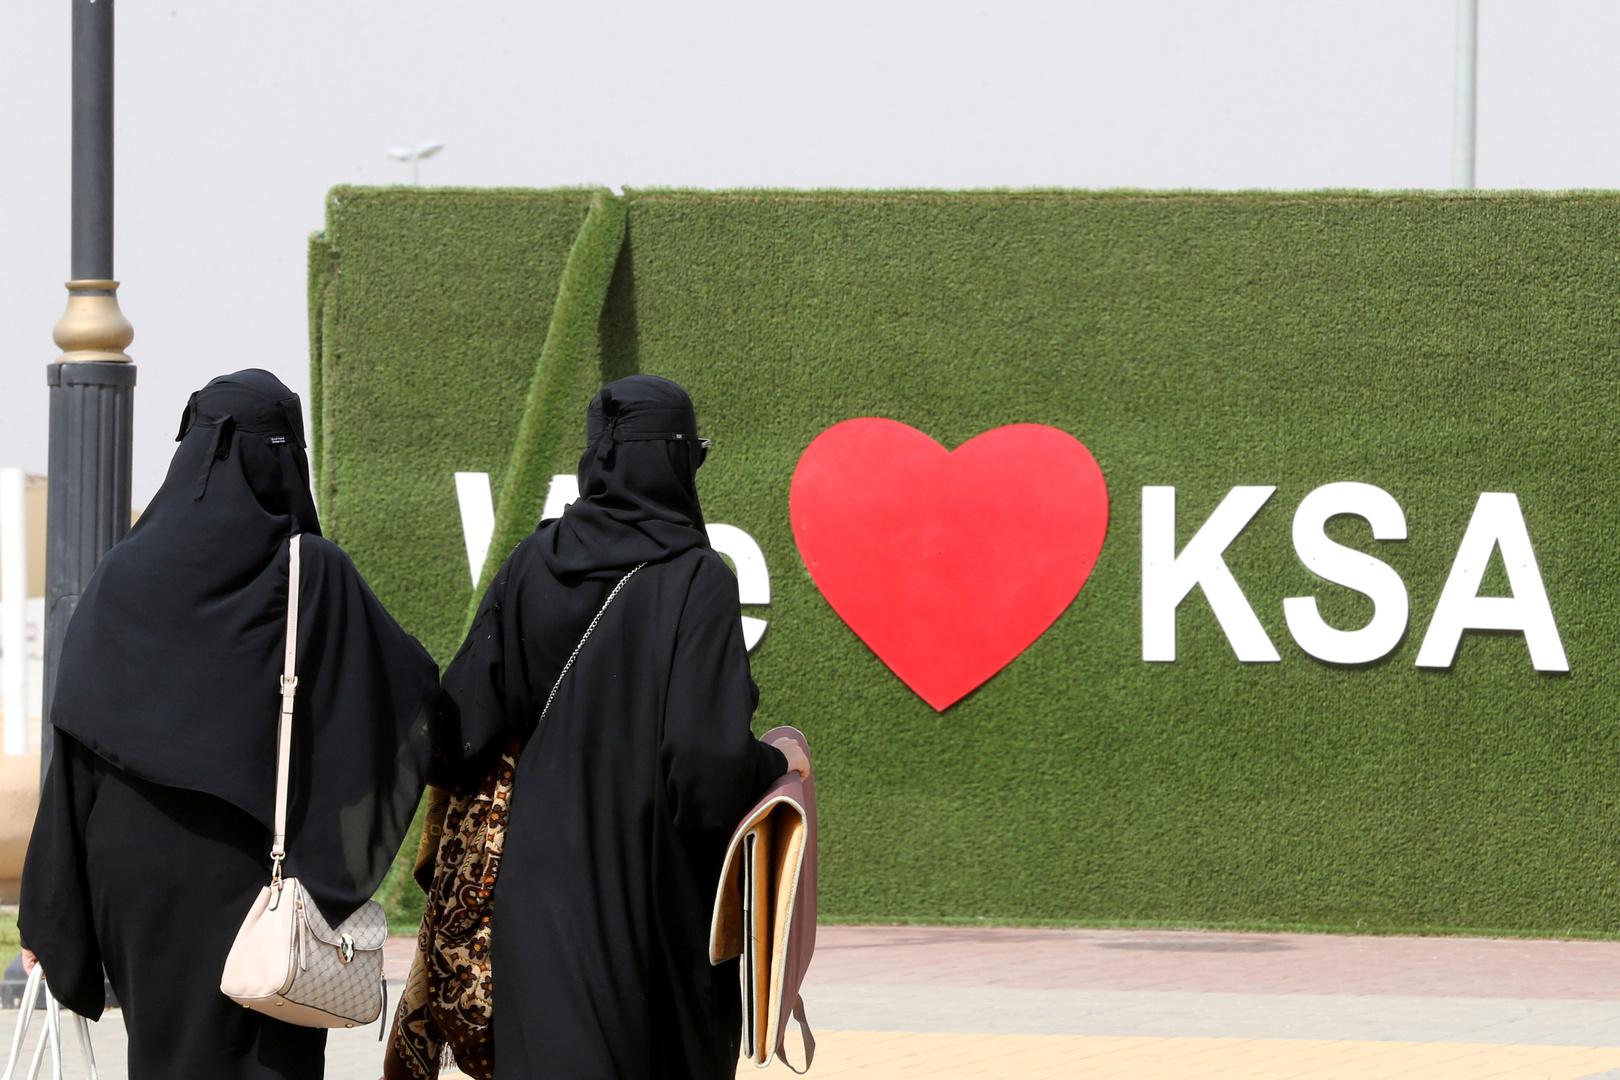 السعودية تحدد عقوبة وغرامة العنف ضد المرأة